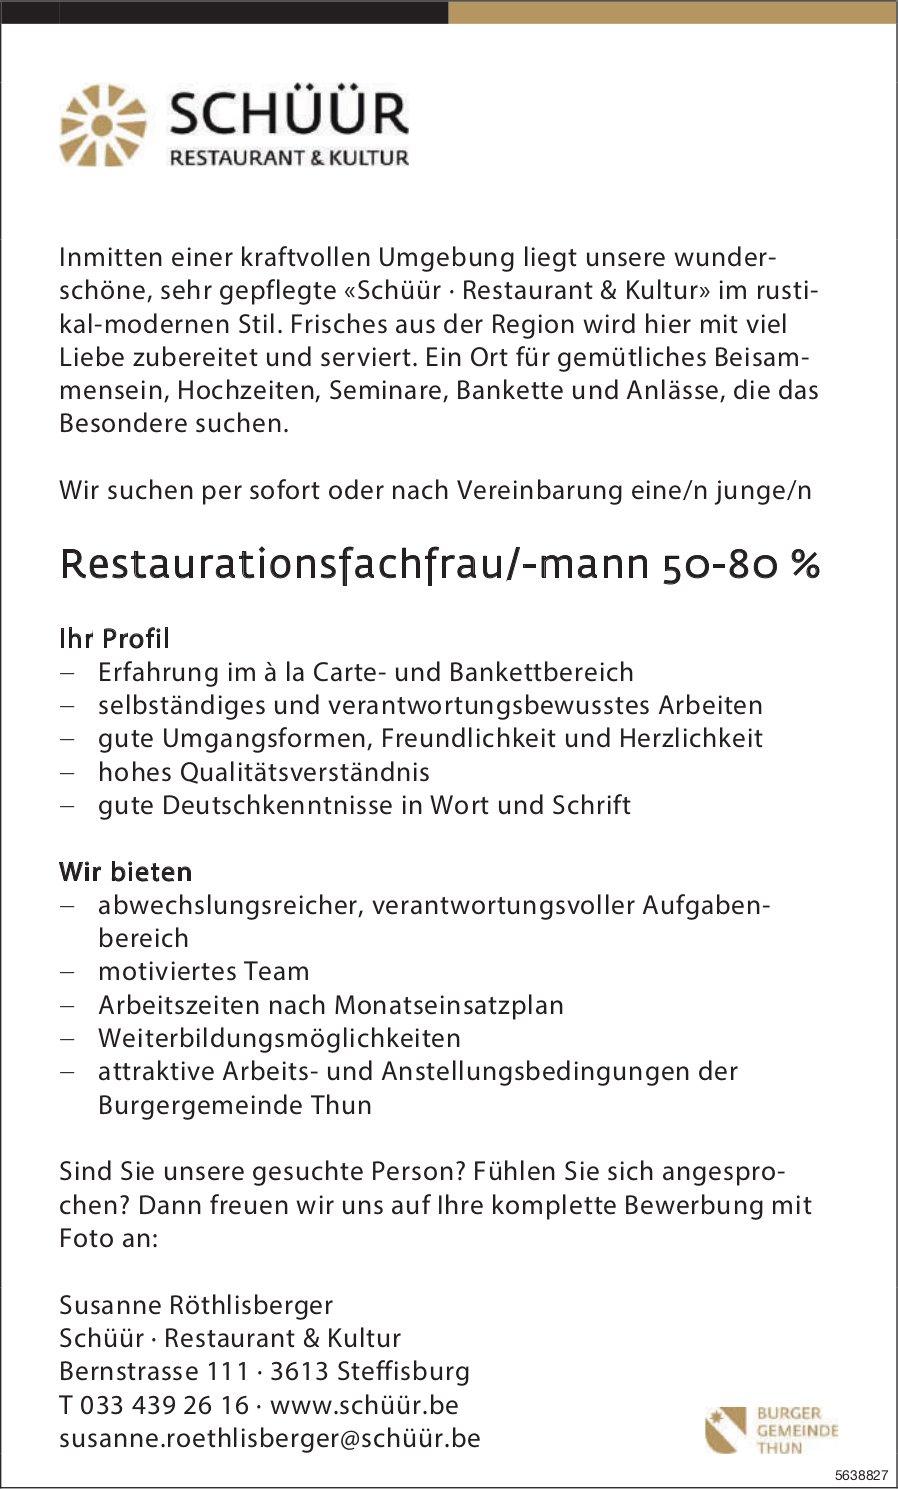 Restaurationsfachfrau/-mann 50-80 %, Schüür, Restaurant & Kultur,  Steffisburg, Gesucht